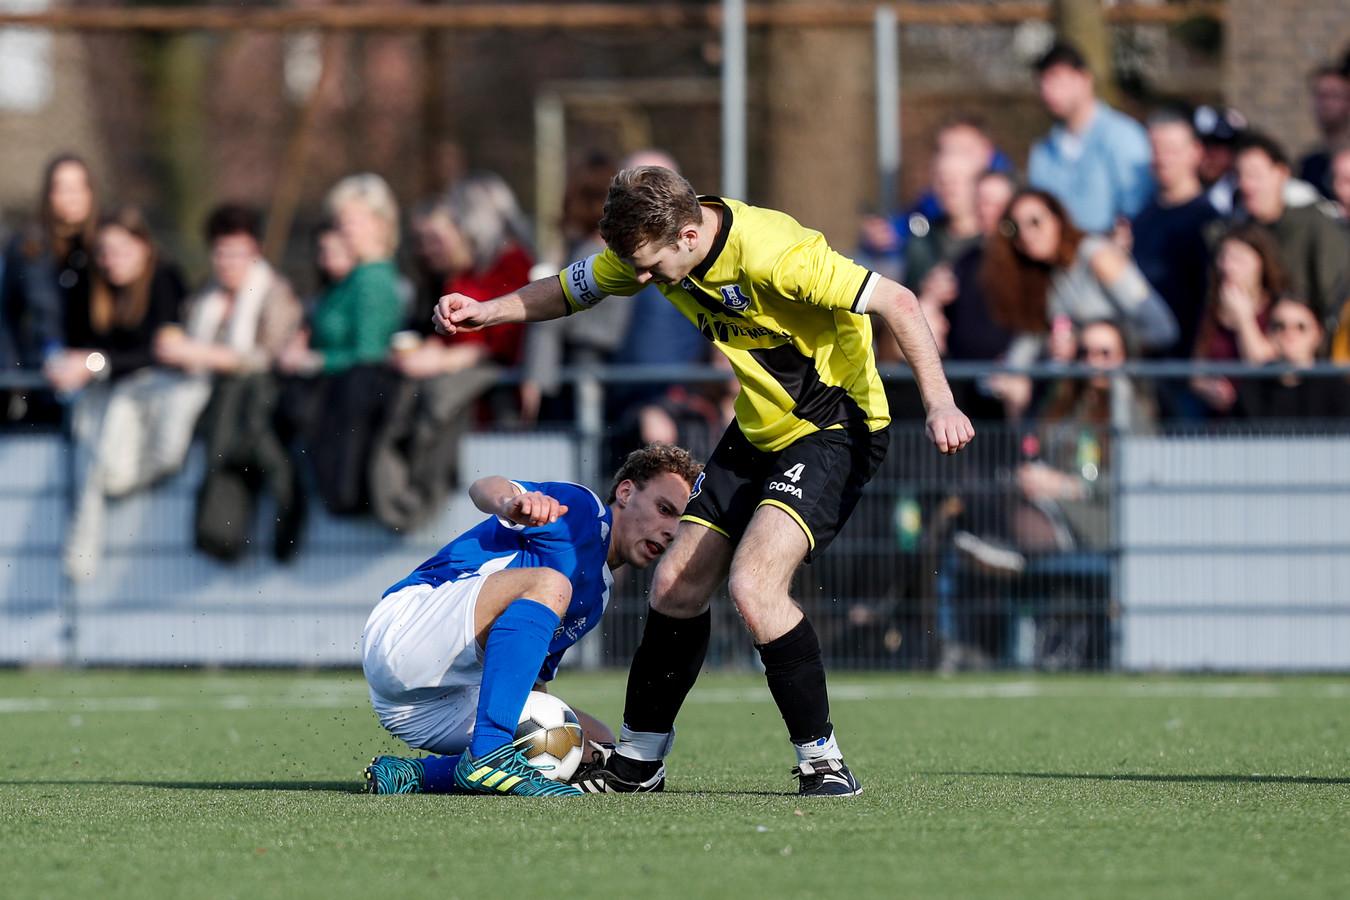 Neerlandia'31 stond 0-2 achter, maar maakte de negentig minuten om wel een heel bizarre reden niet vol. (archieffoto)